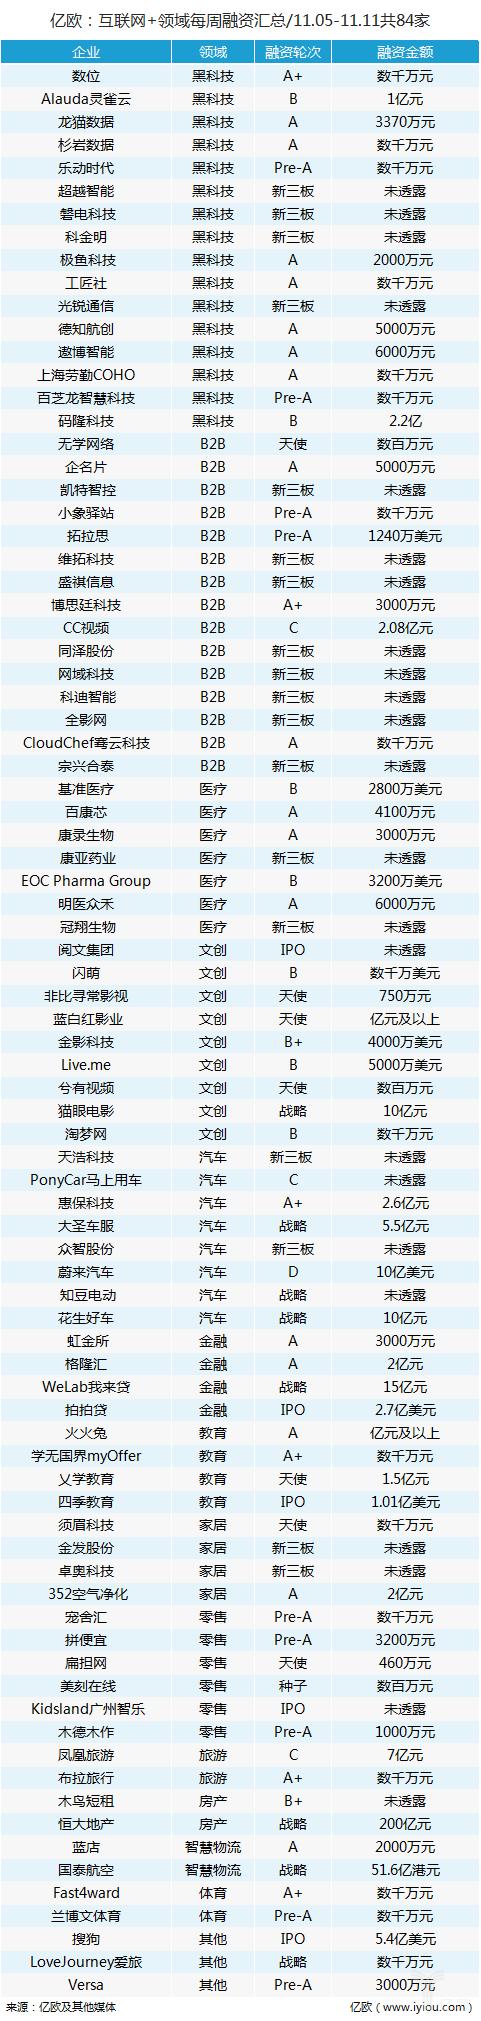 每周融资汇总(11.05-11.11)共84家